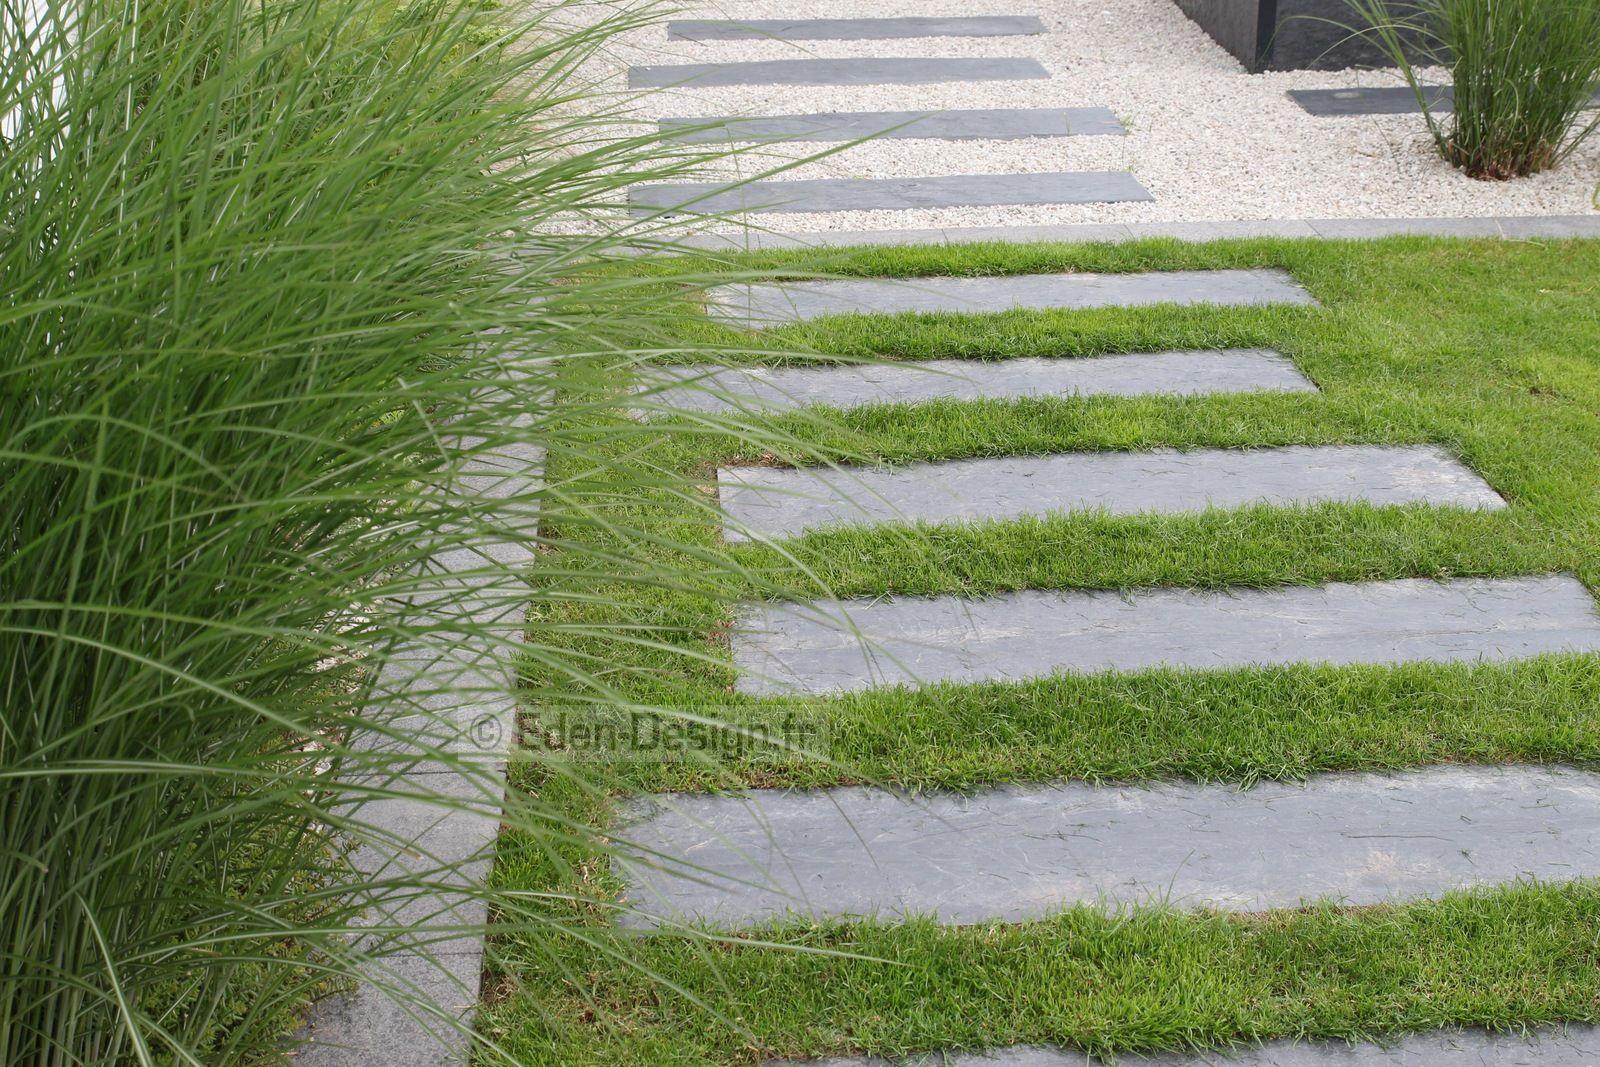 Allée De Jardin En Pas Japonais En Ardoise. L'allée Passe Du ... concernant Dalle Ardoise Jardin